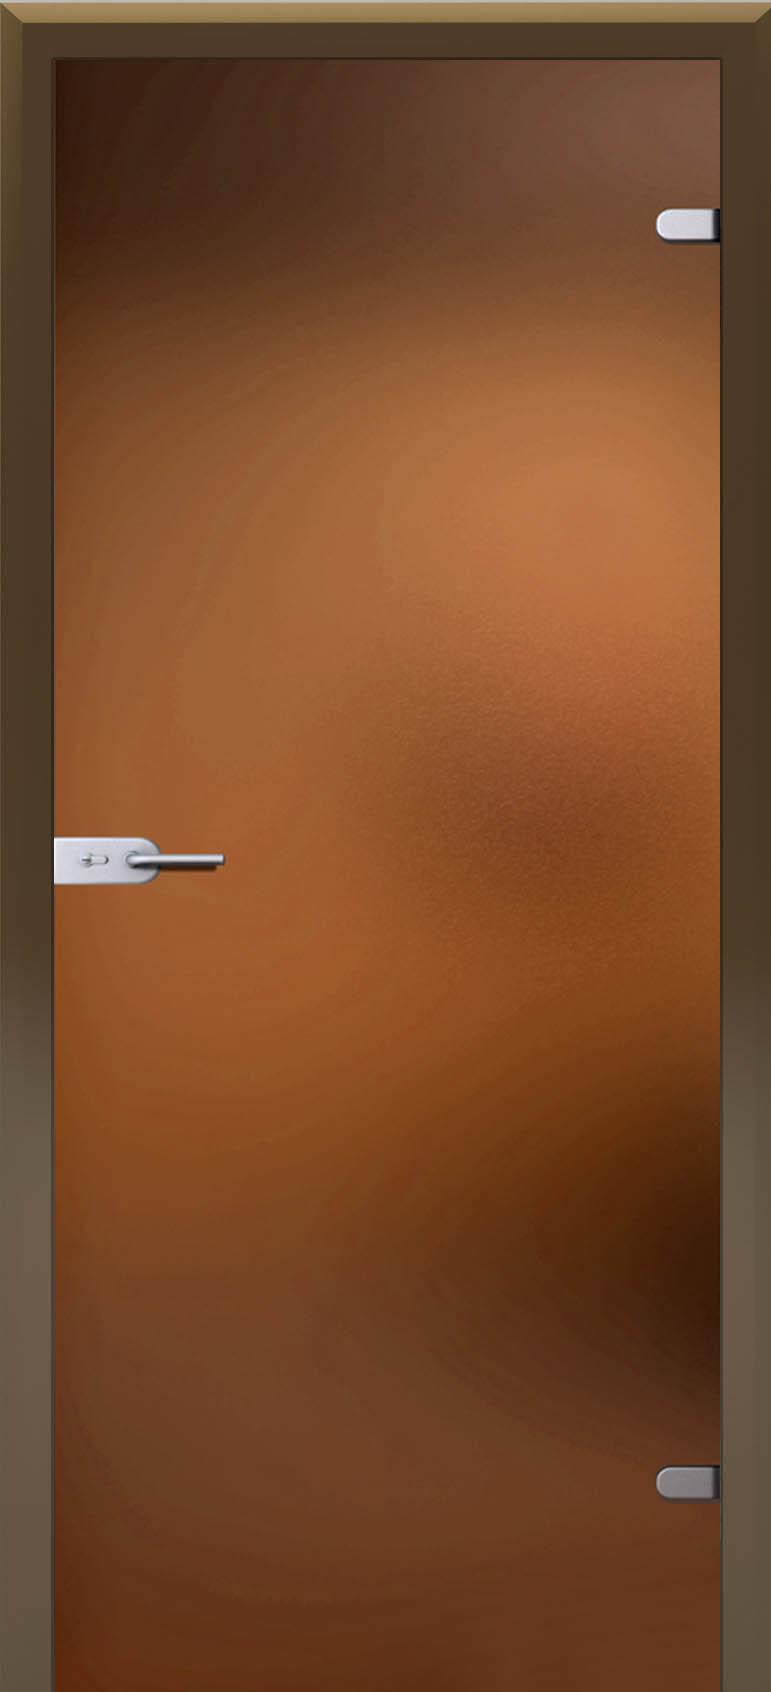 Стеклянная межкомнатная дверь Лайт, Сатинато Бронза